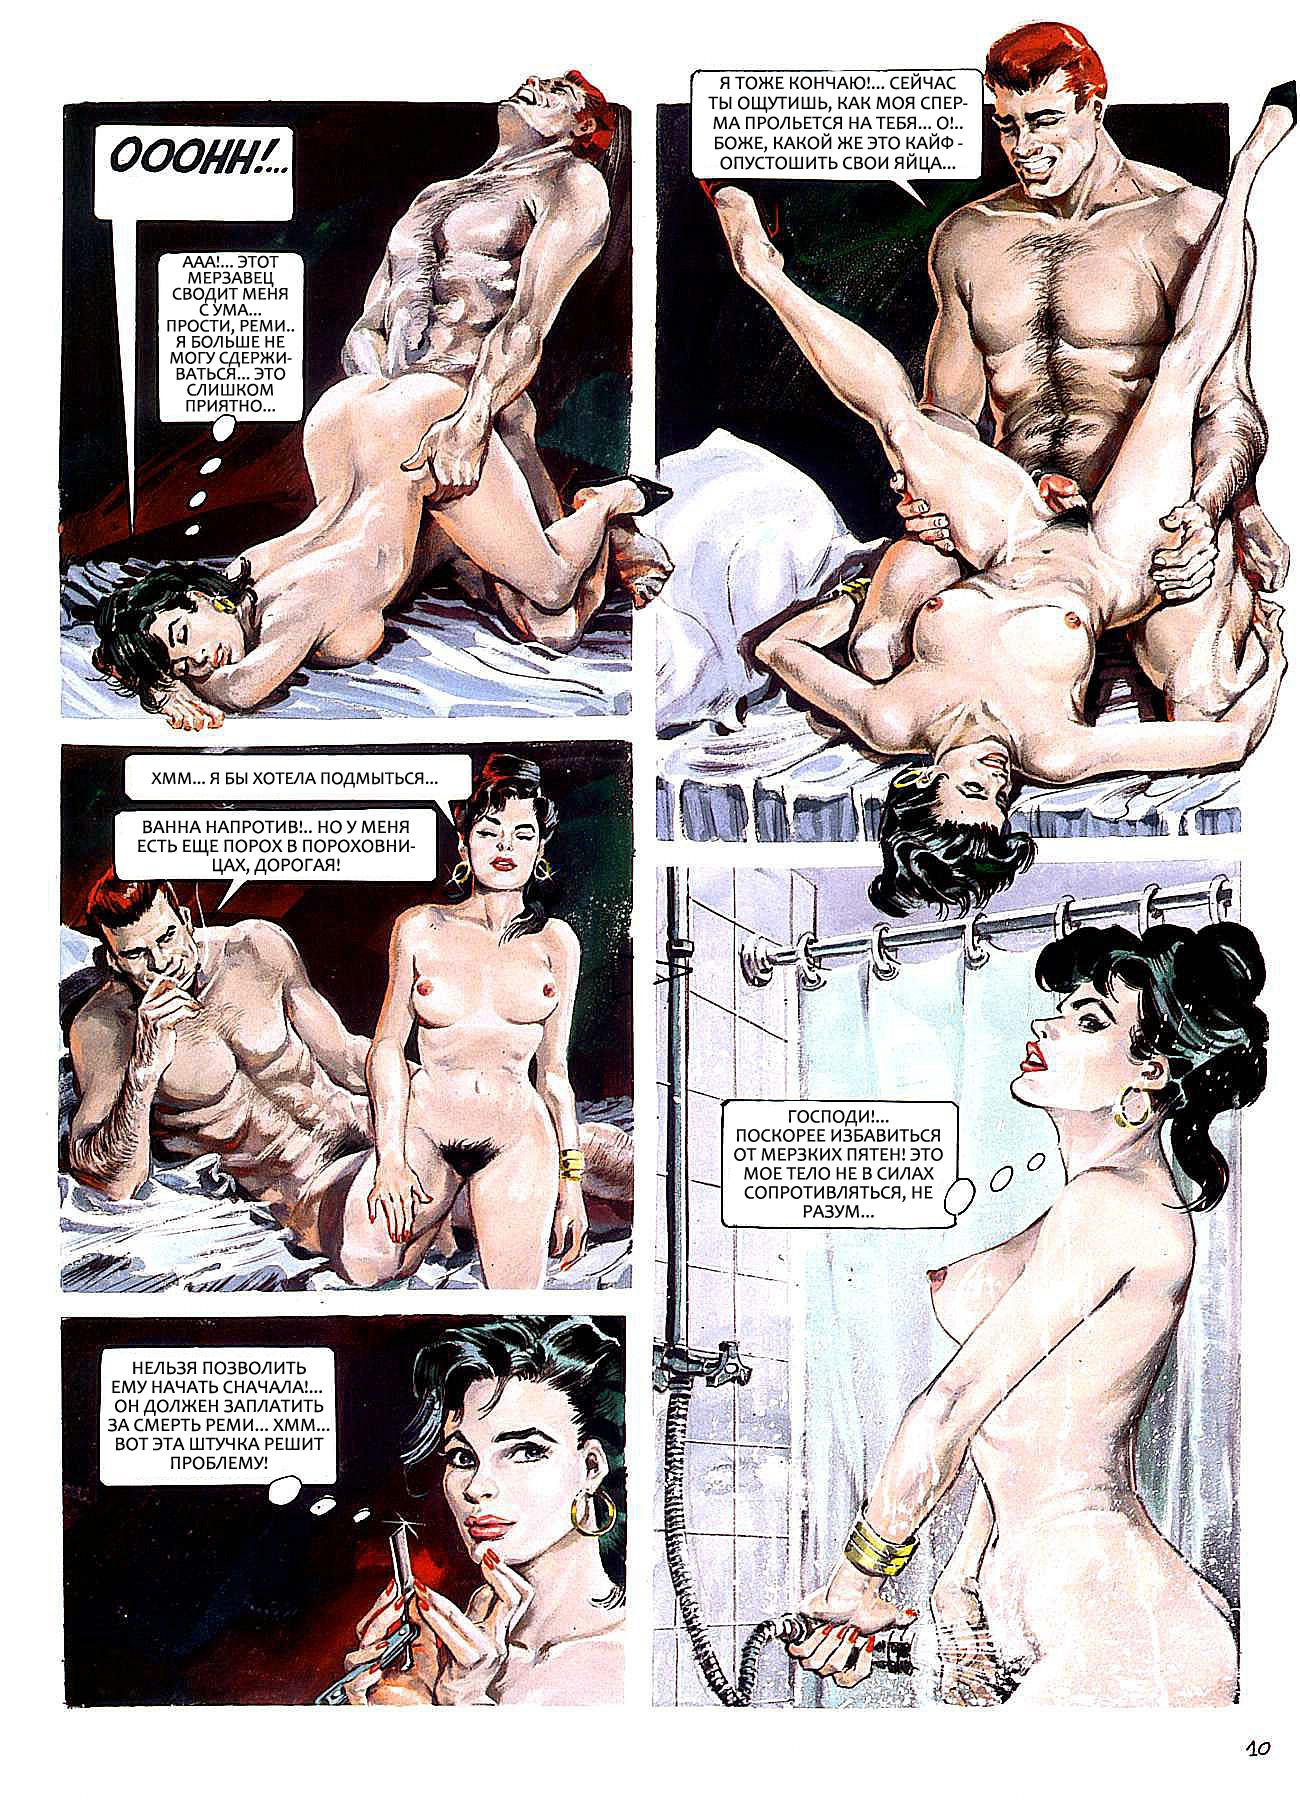 Порно мамки онлайн  vanalcom